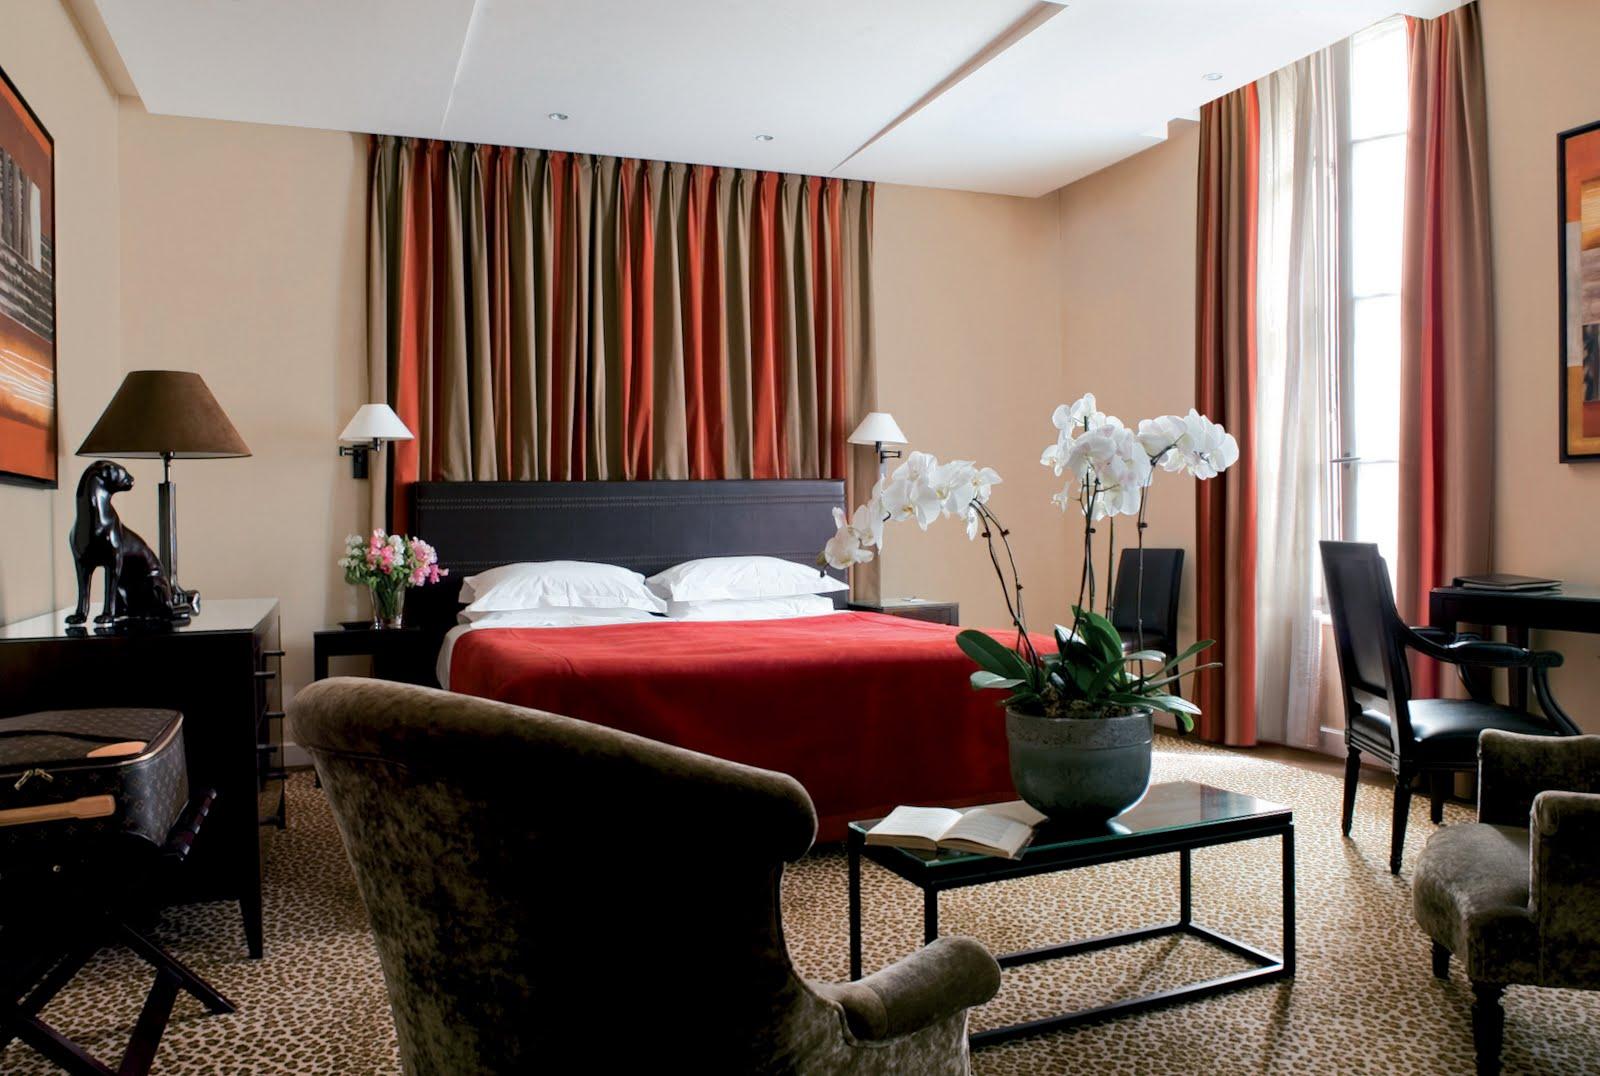 Our hotels selection hotel saint germain paris parisbym for Hotel saint germain paris